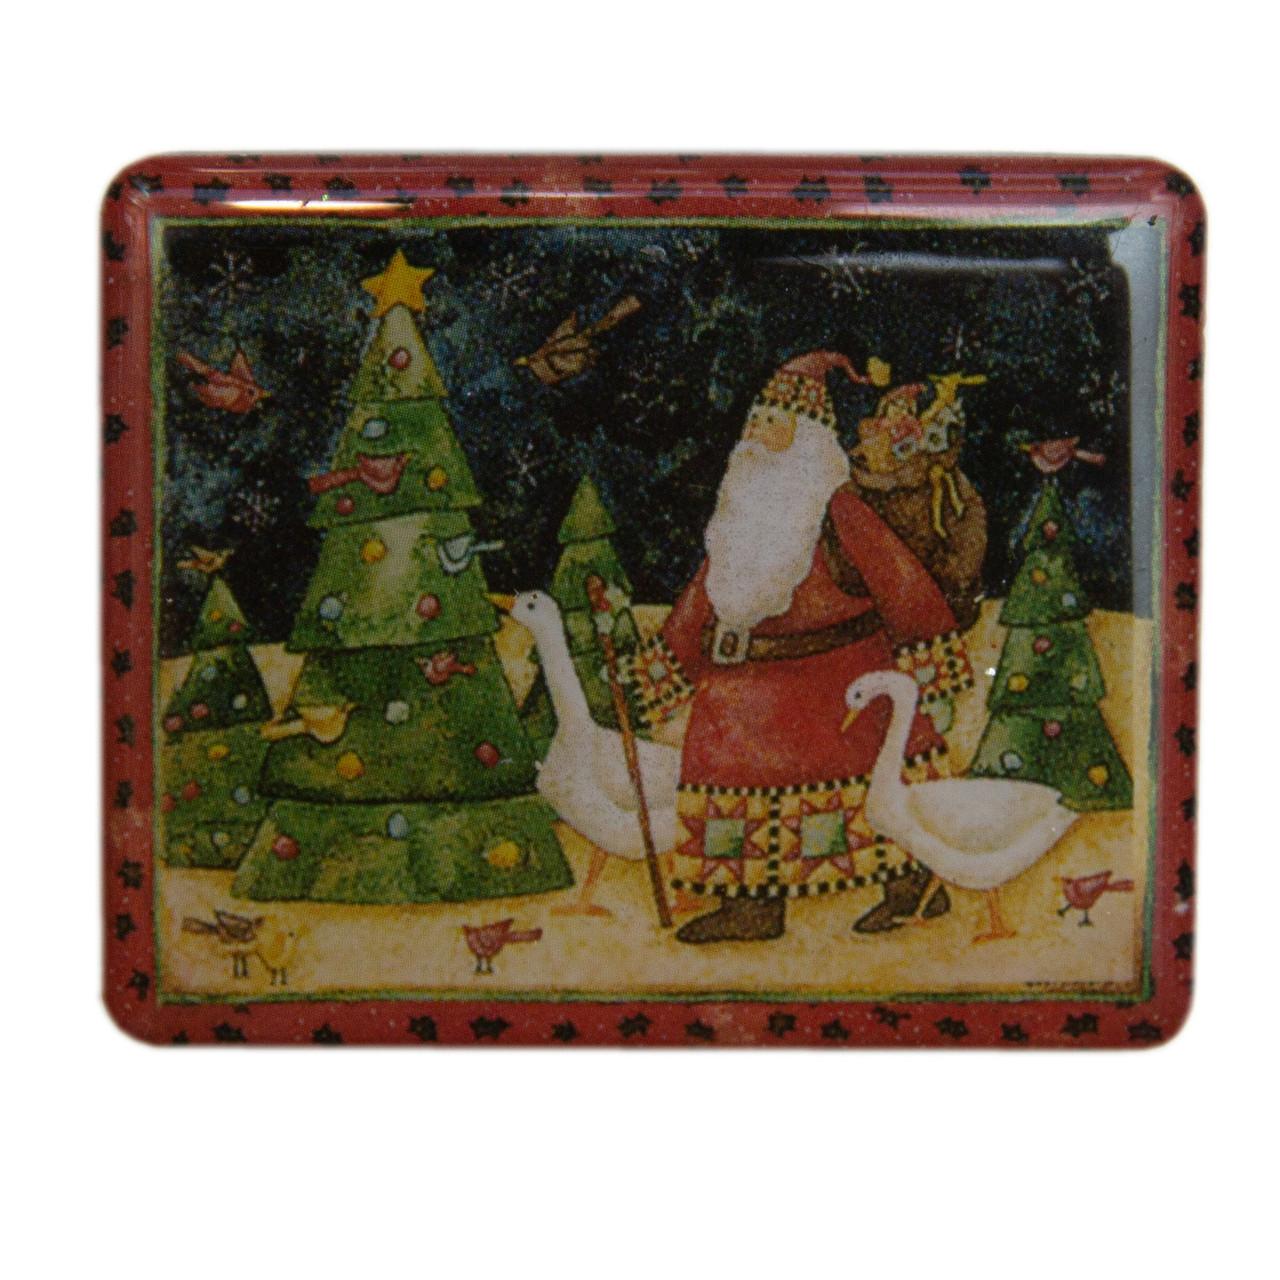 Магнит с декором Дед Мороз и гуси, 5,5*4,5см (012183-3)